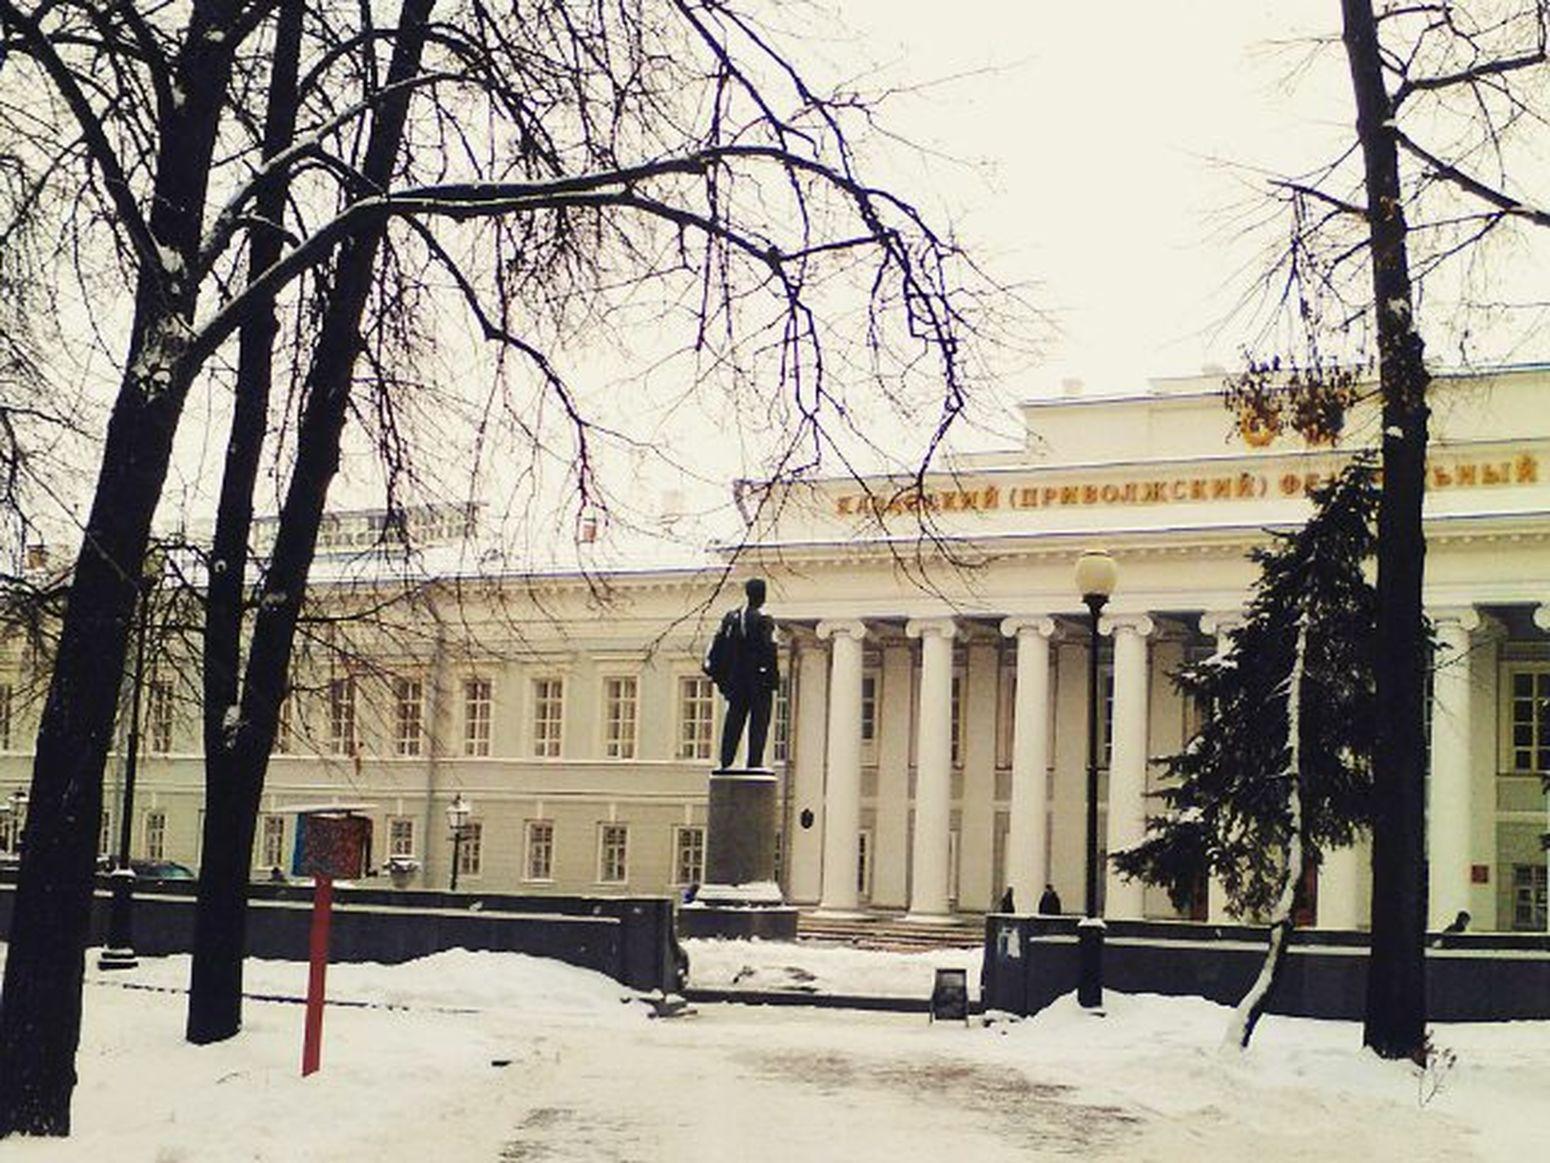 Ещё неделя волнений и можно будет насладиться радостями зимних праздников. Всего неделя😊 University KFU Kazan сессия терпиказак Letitsnow Weather Winter